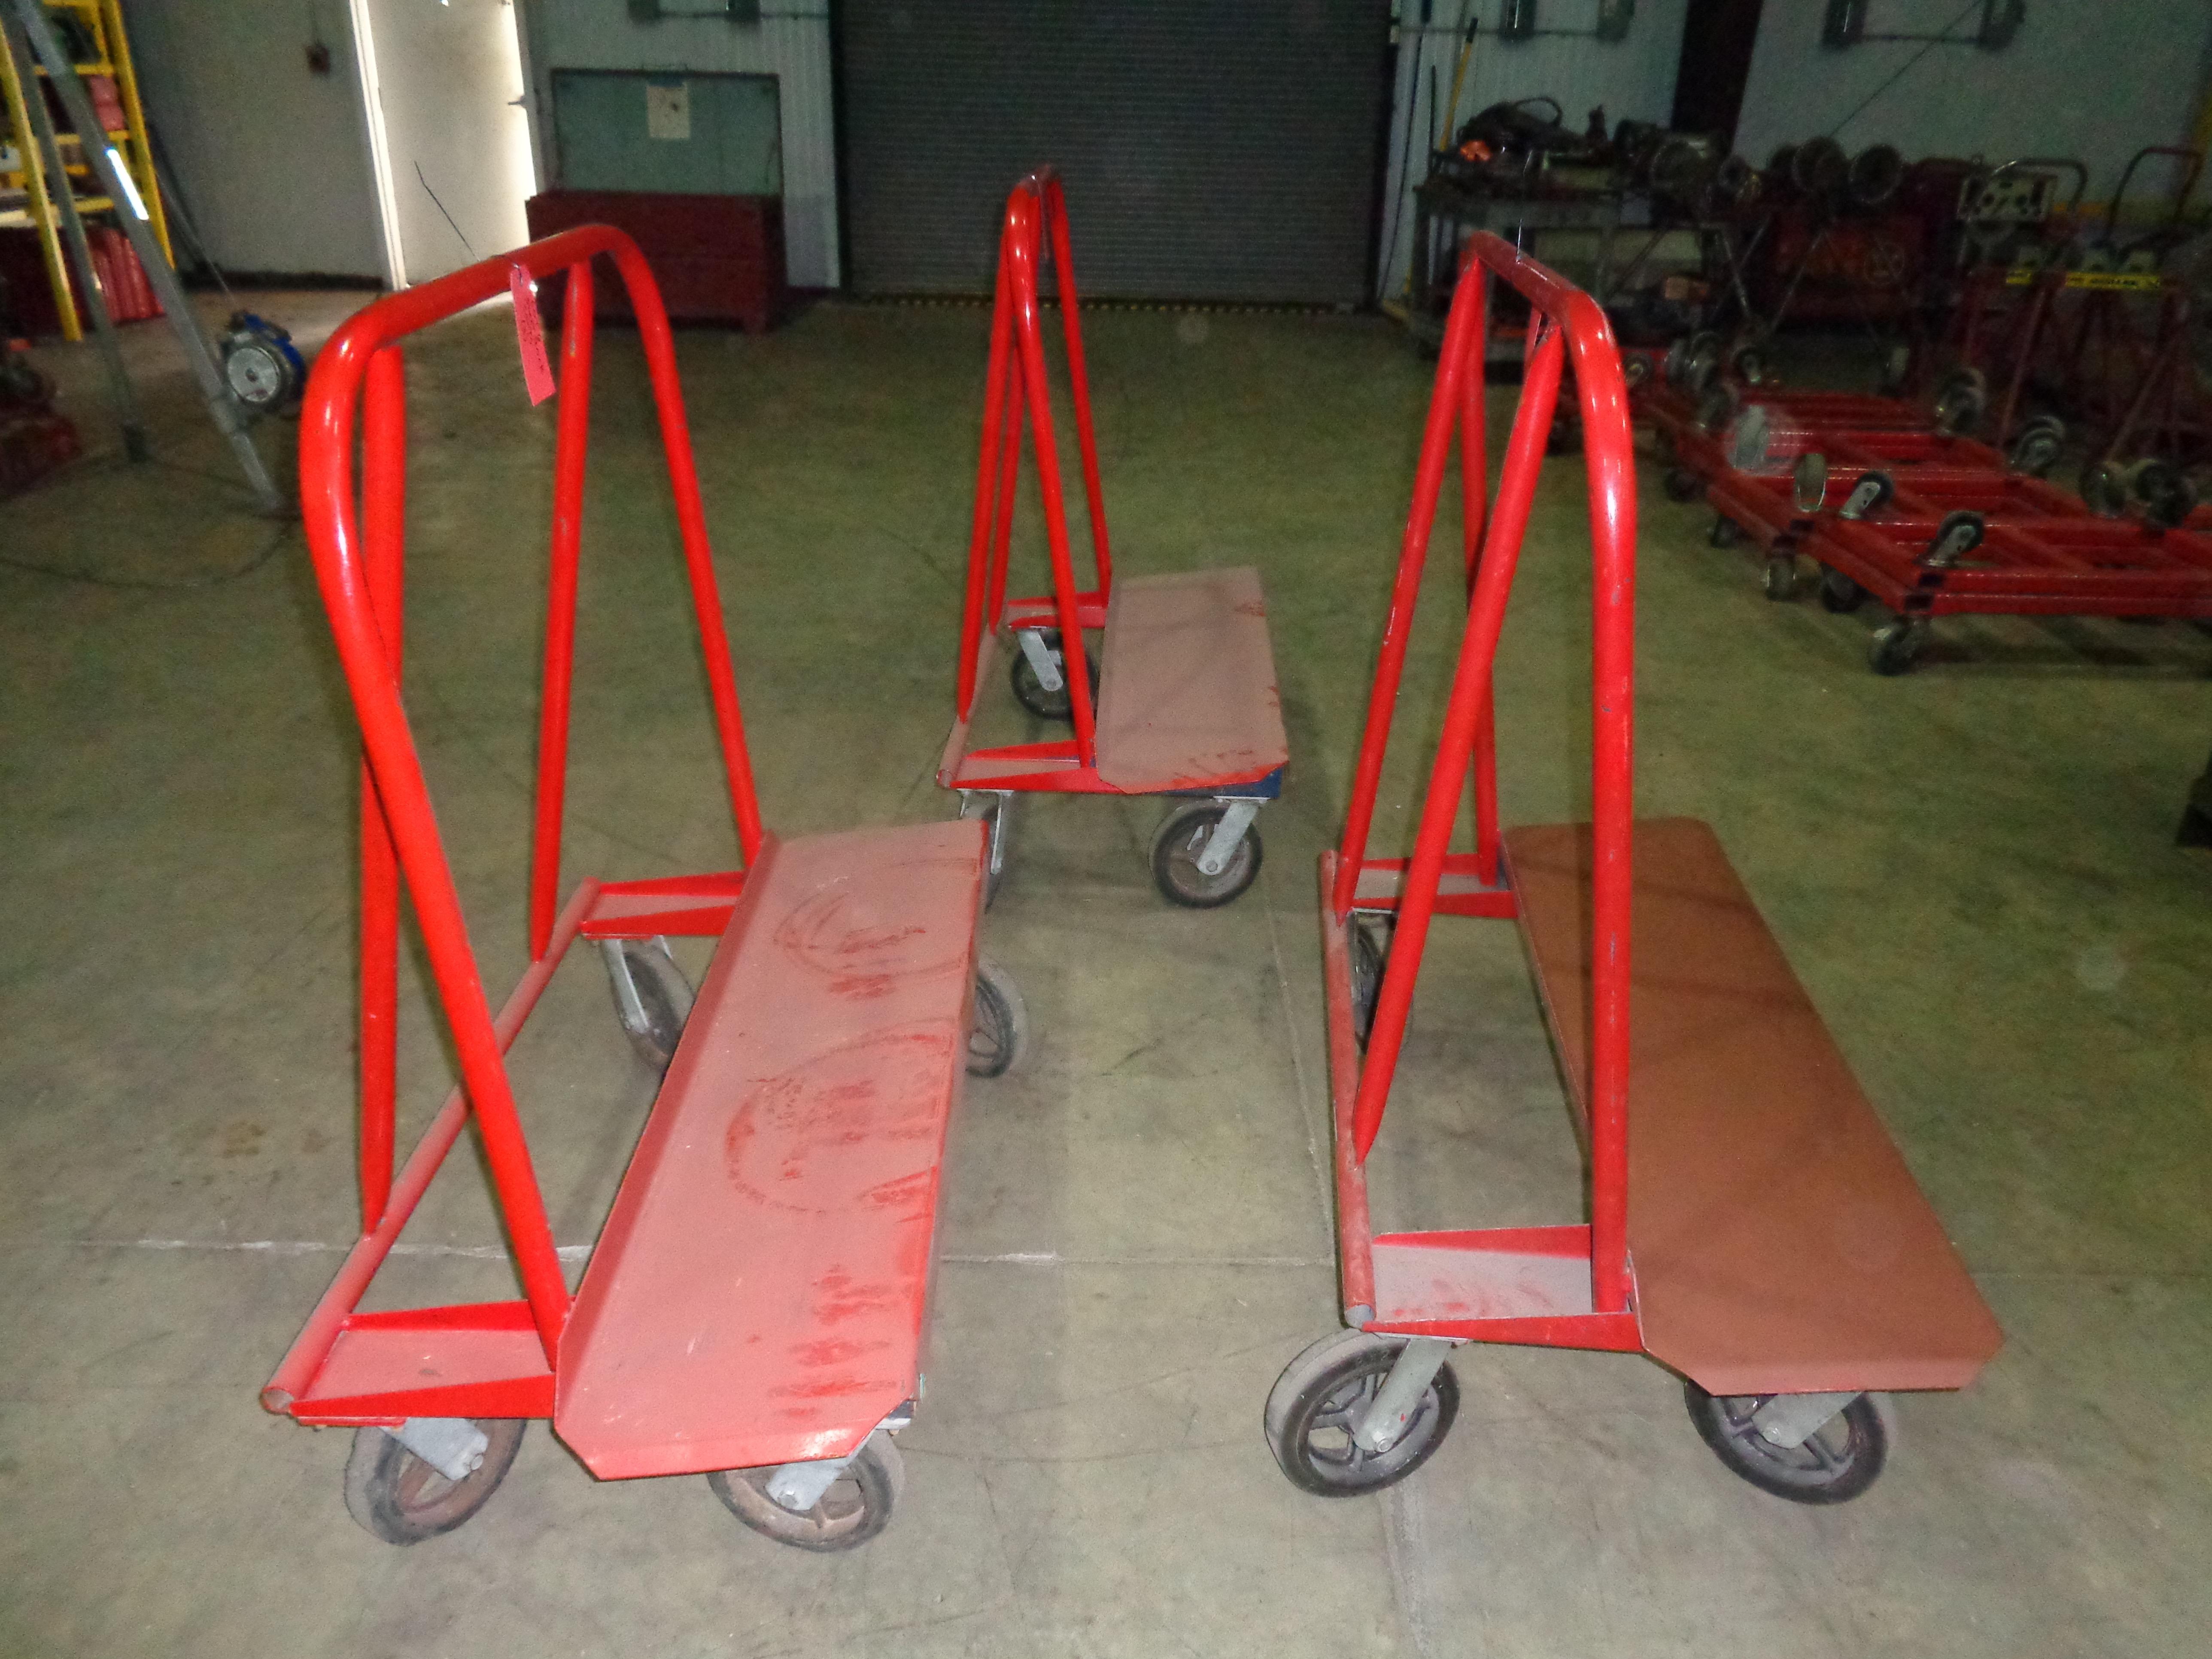 Lot of 3 - Jescraft Sheetrock Carts